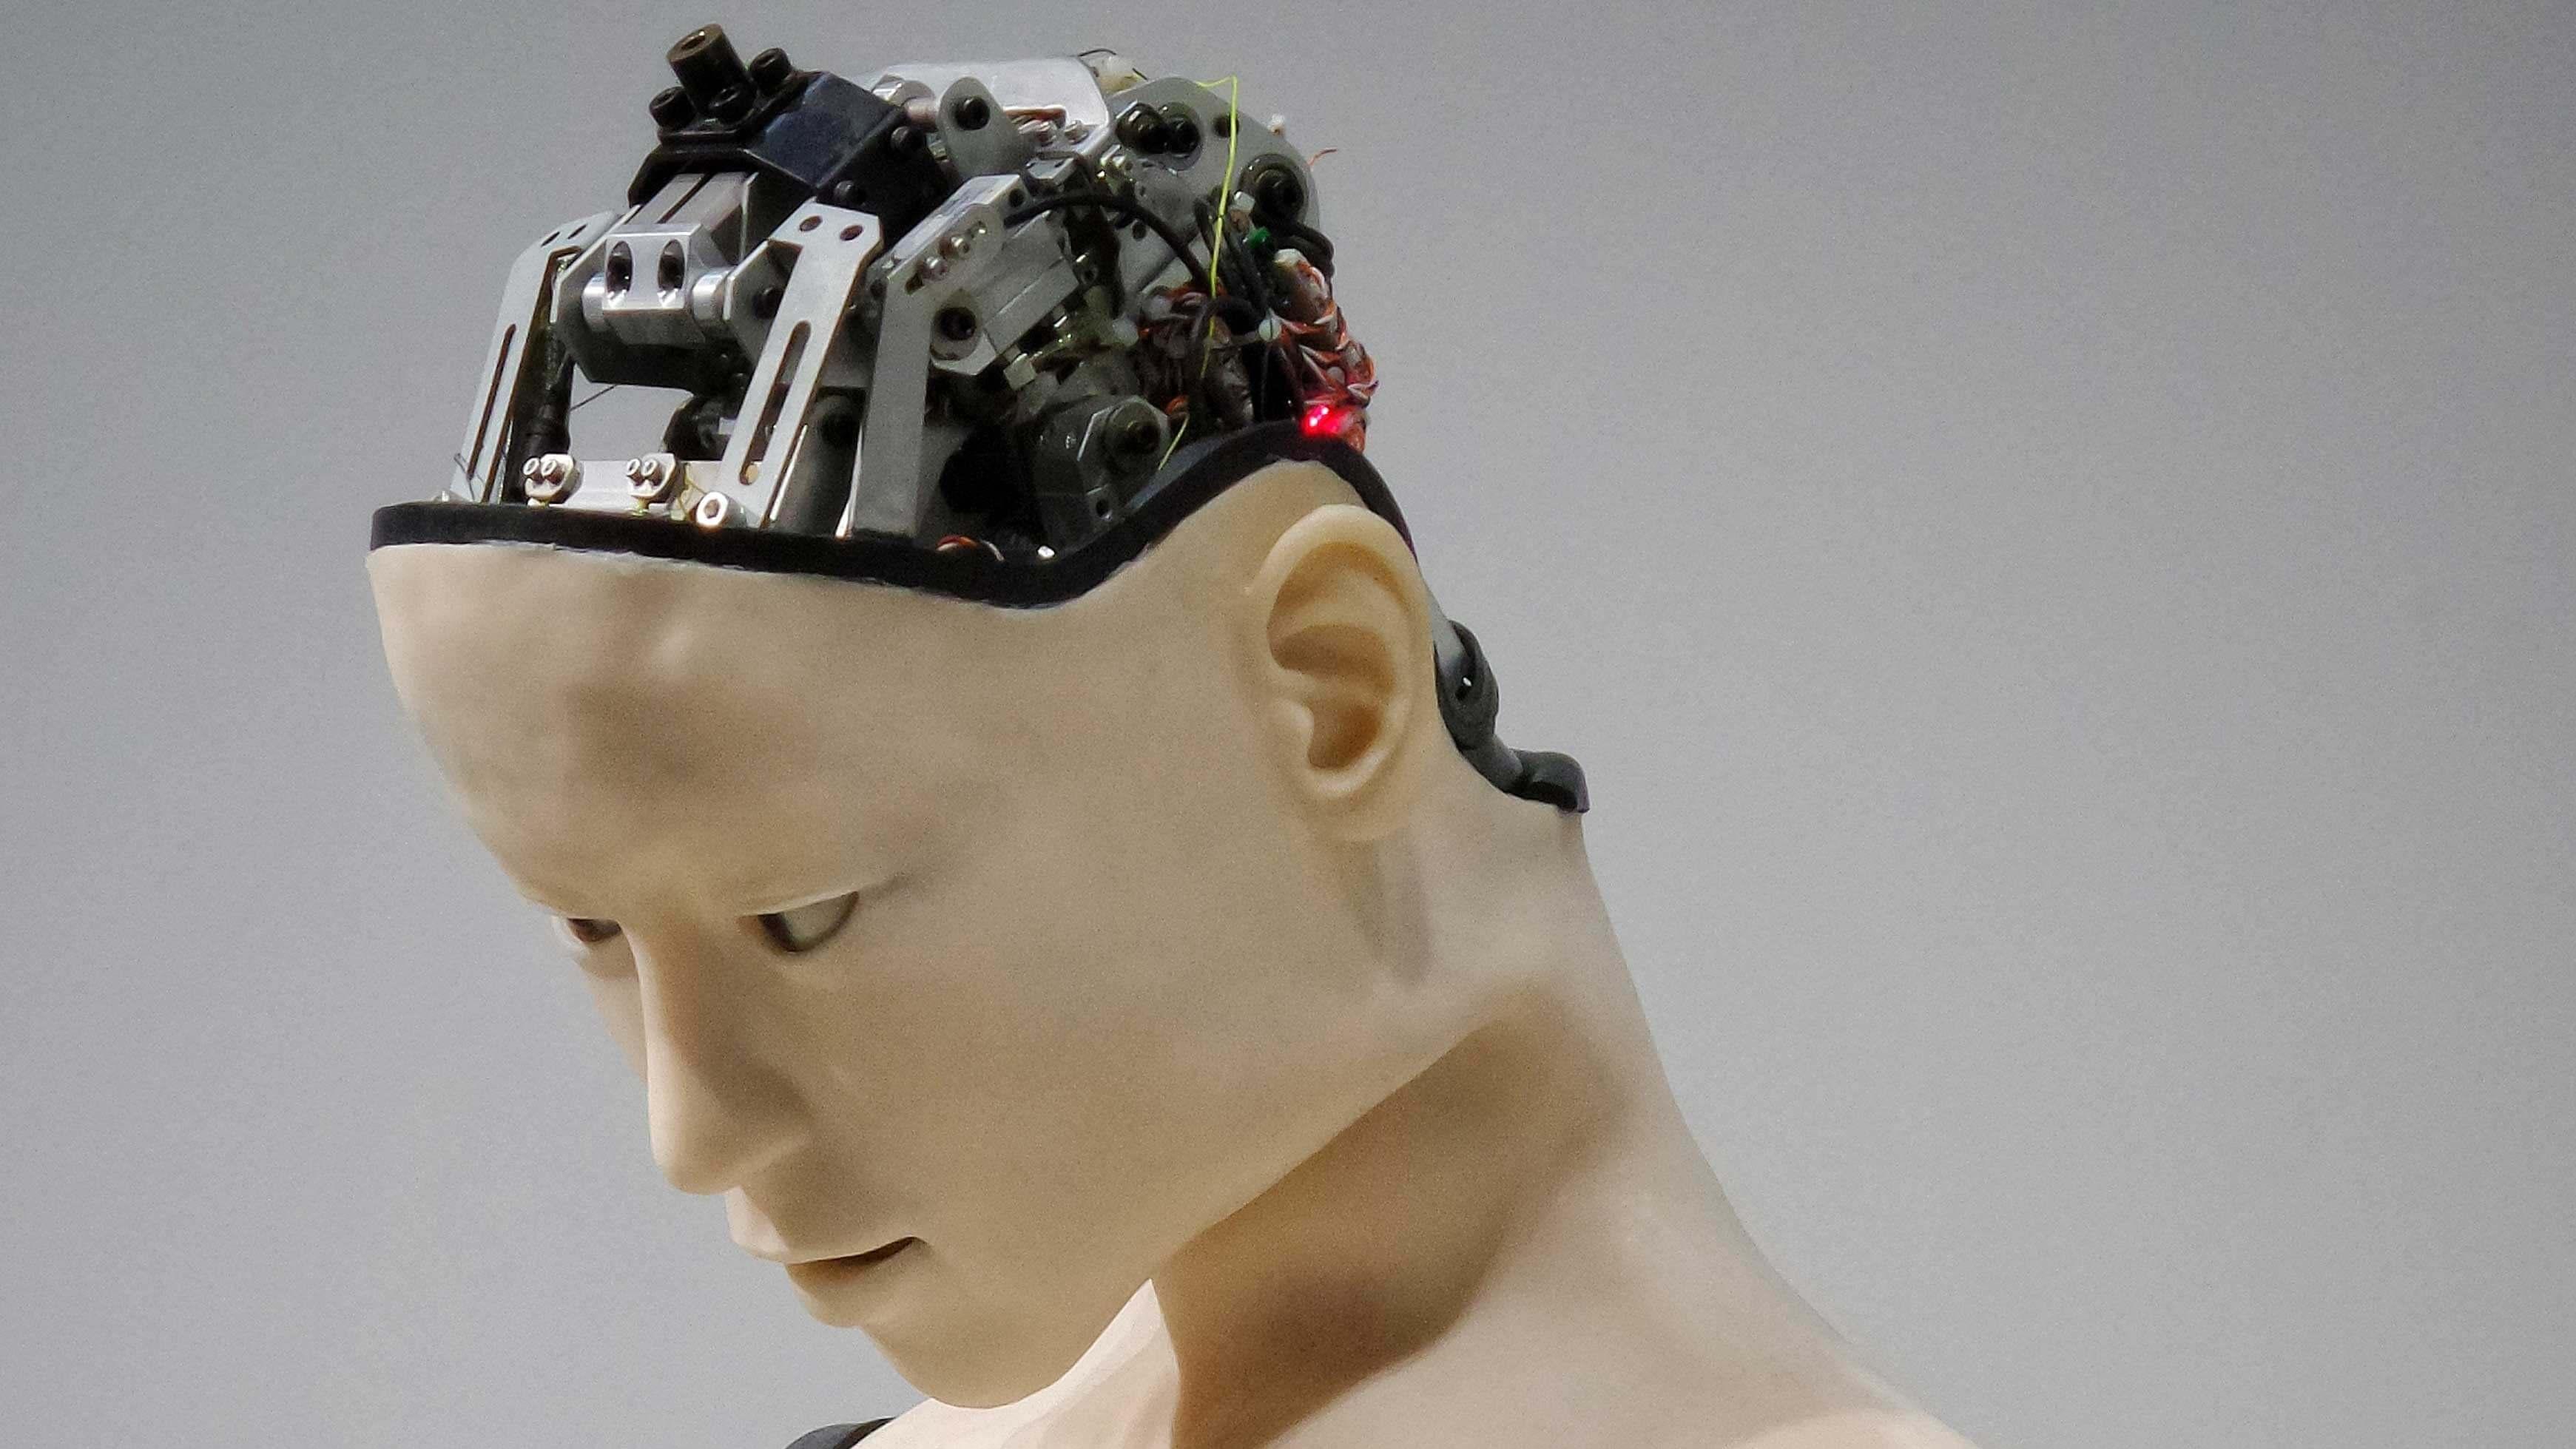 Aonde a Inteligência Artificial está nos levando?